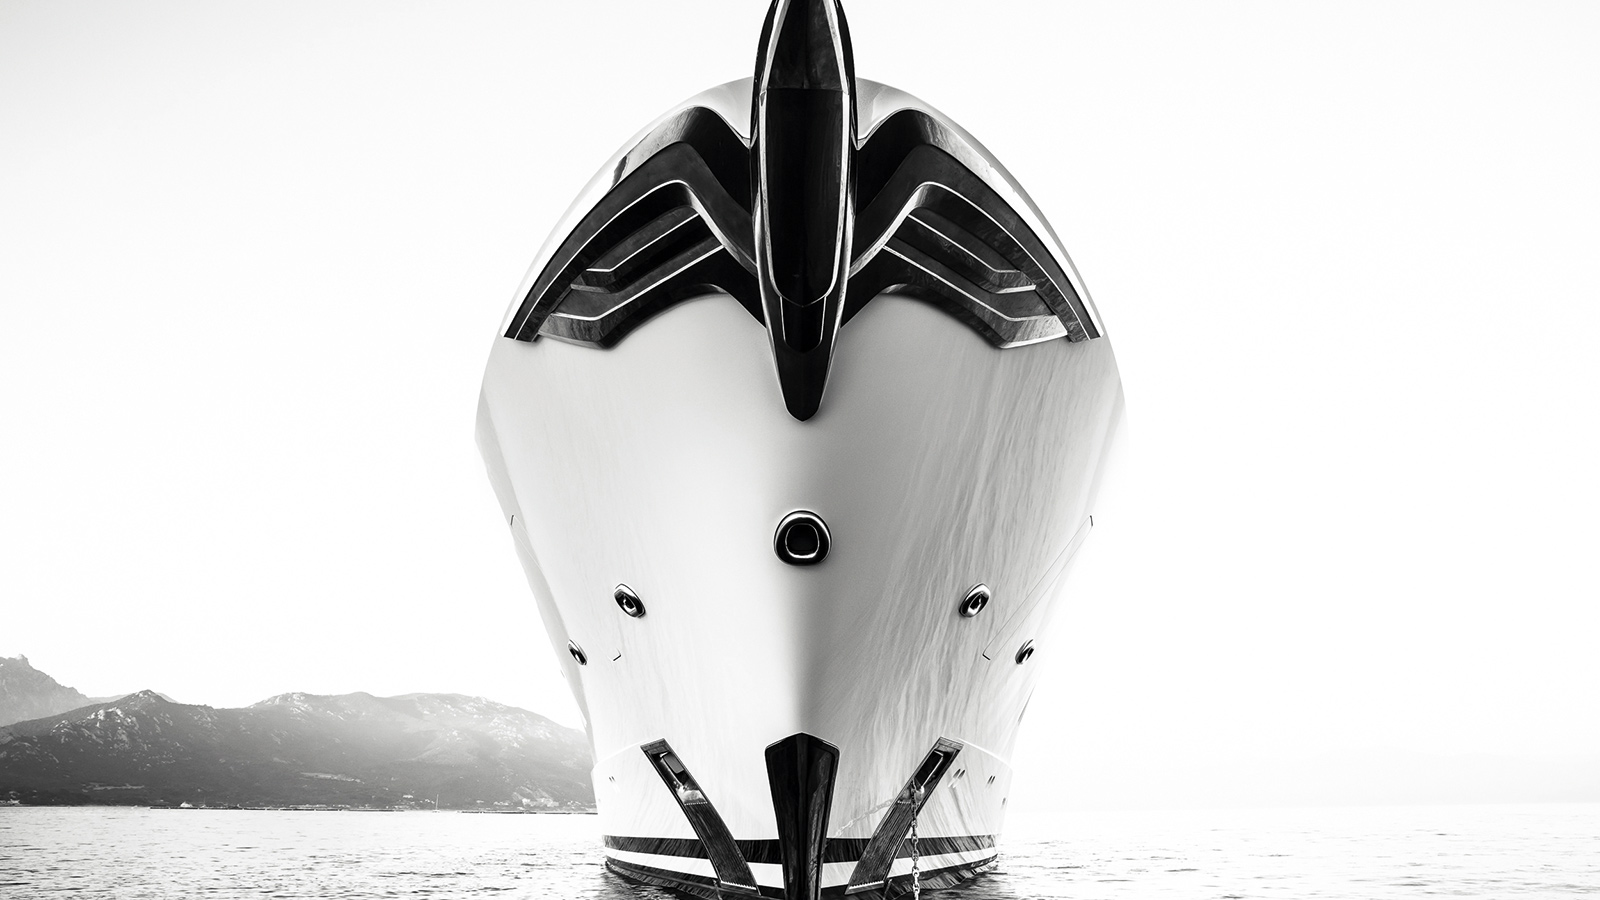 Amadea-superyacht